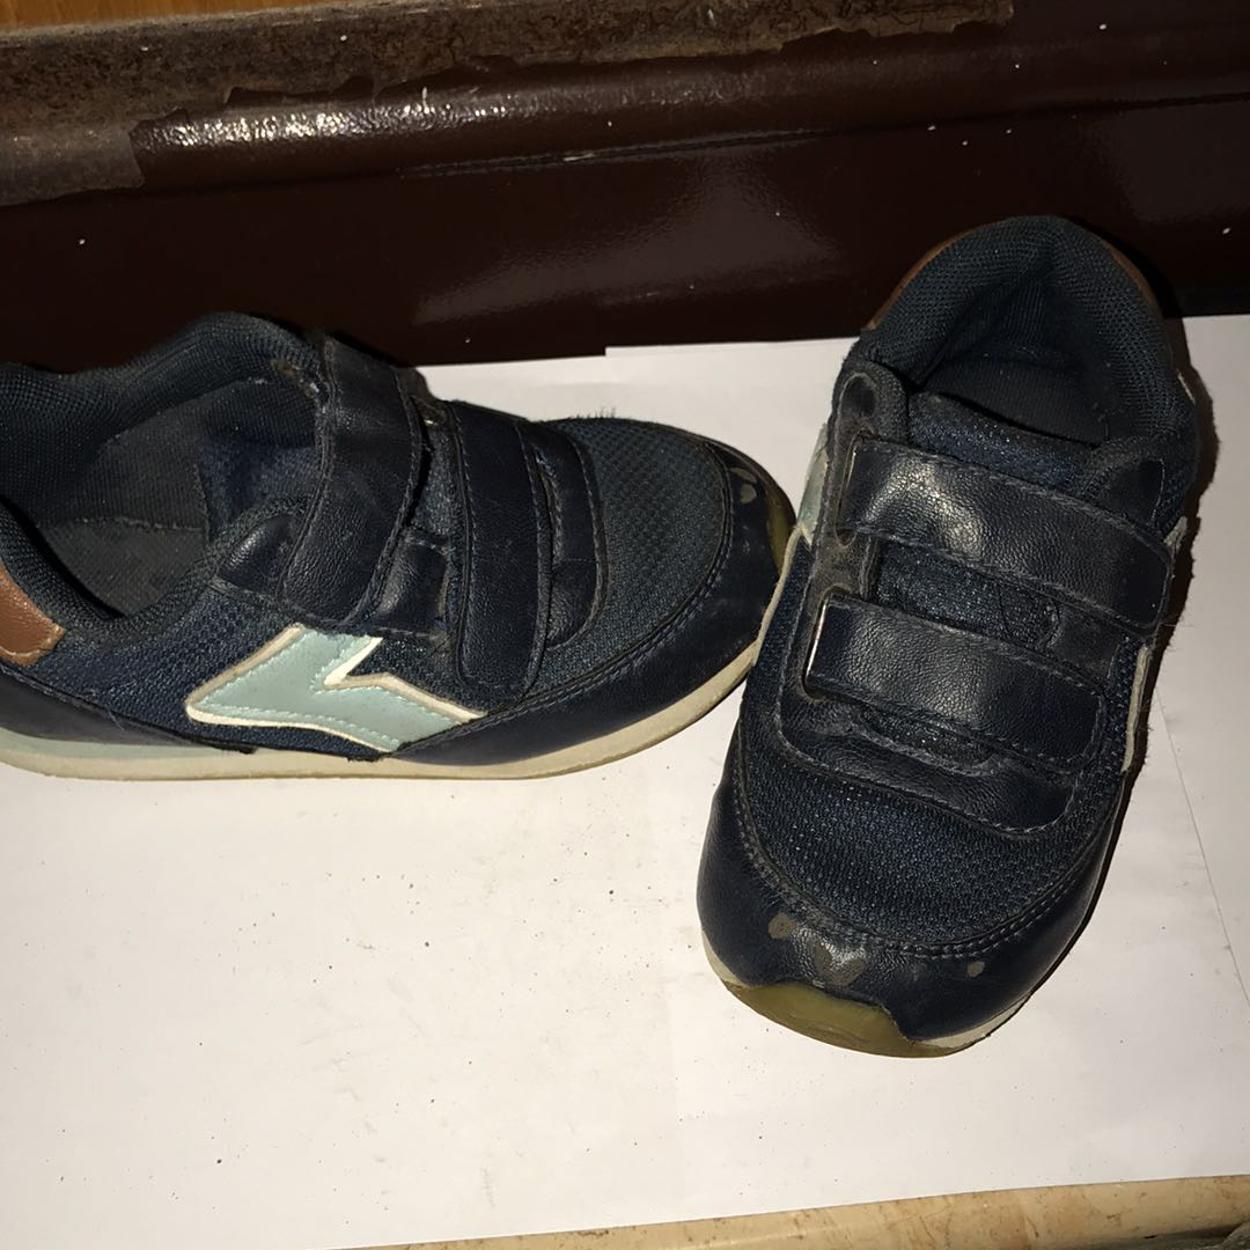 7 For All Mankind Günlük & Spor Ayakkabı